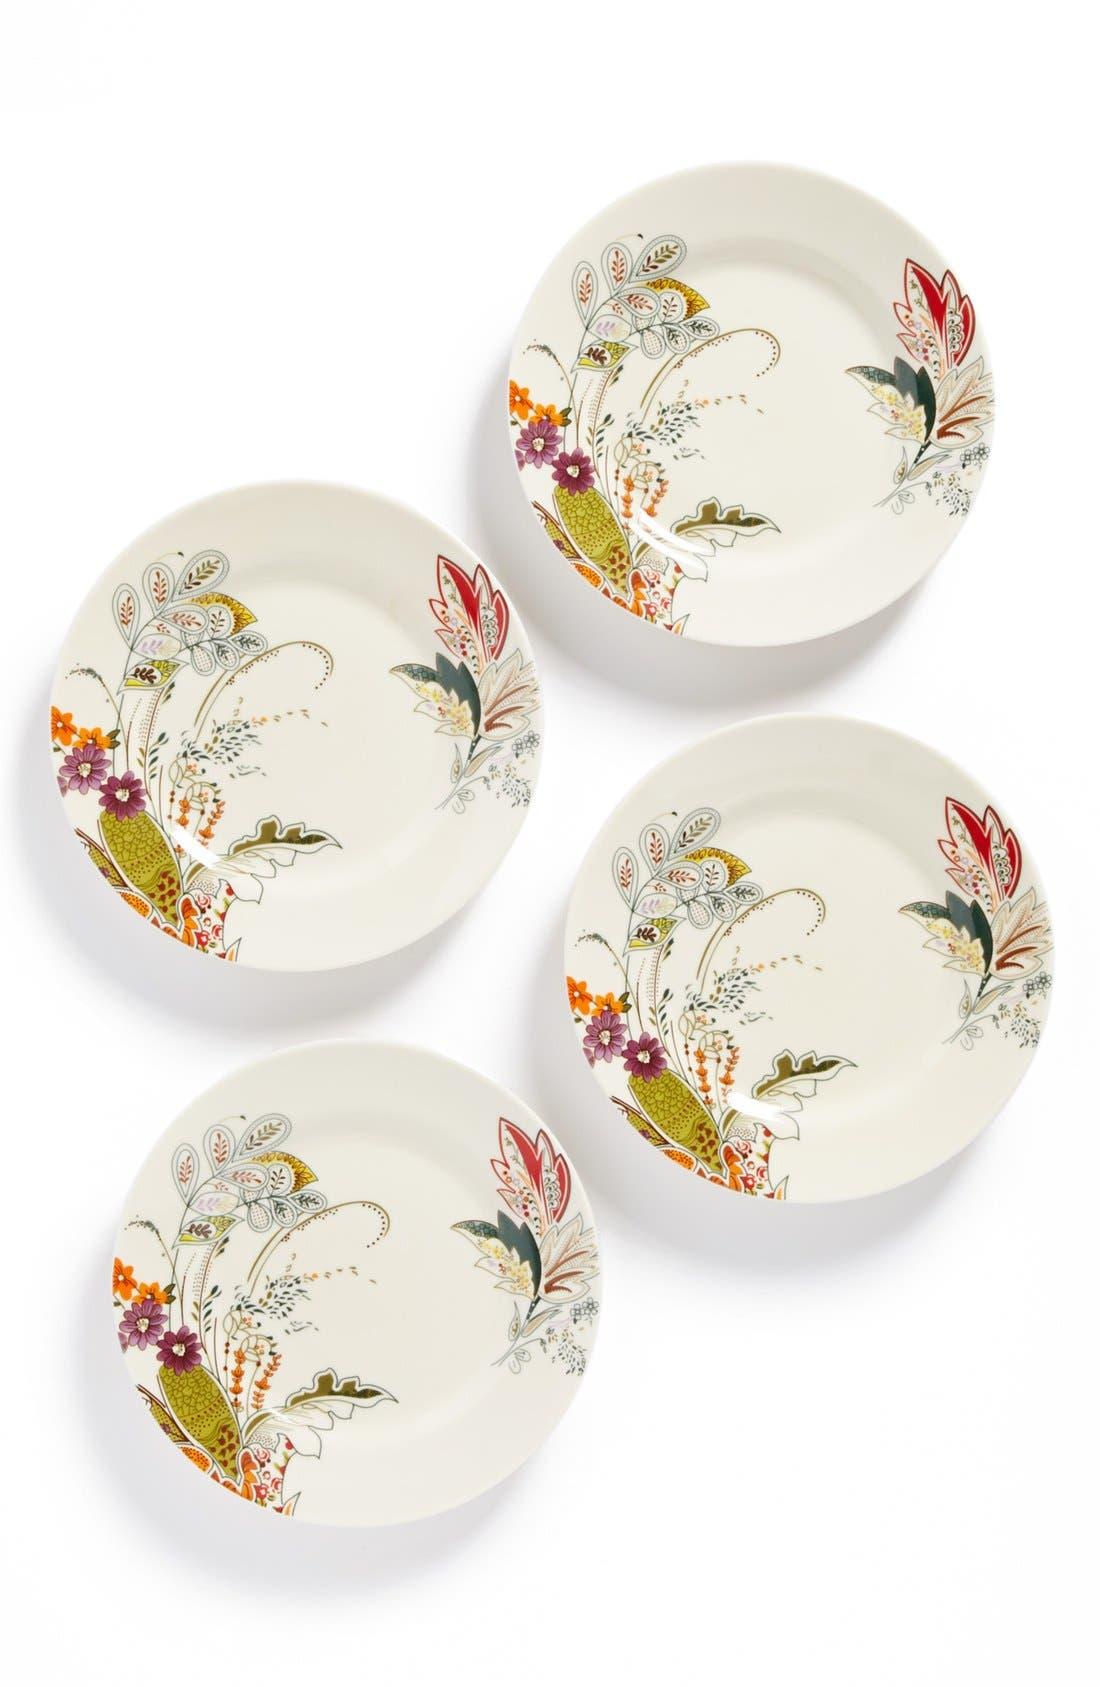 Alternate Image 1 Selected - 'Floral Henna' Porcelain Salad Plates (Set of 4)